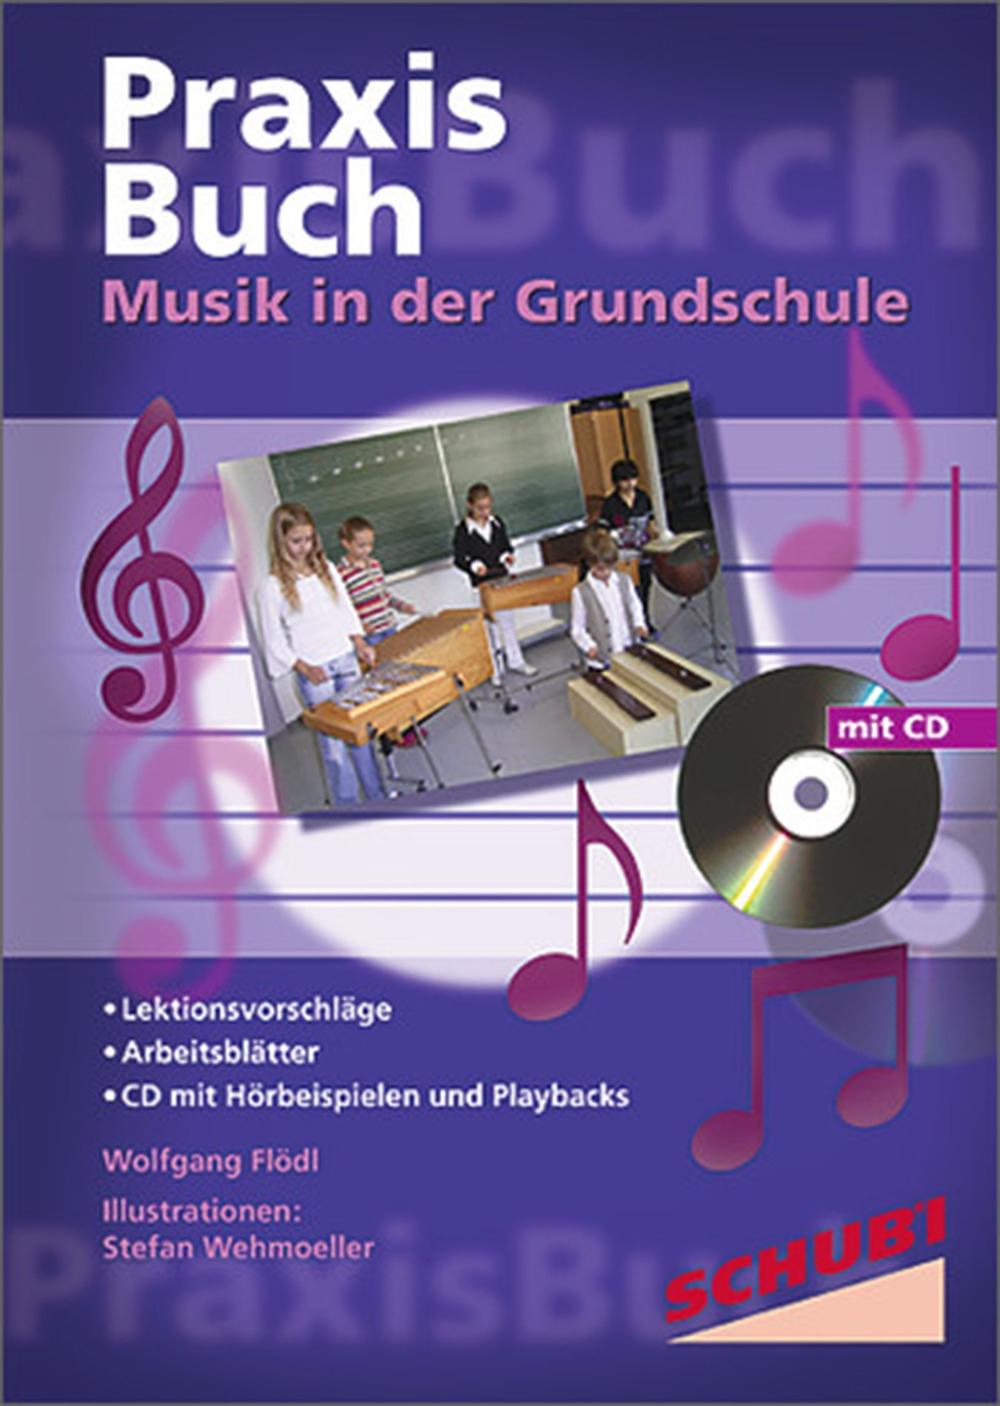 Musik in der Grundschule - SCHUBI